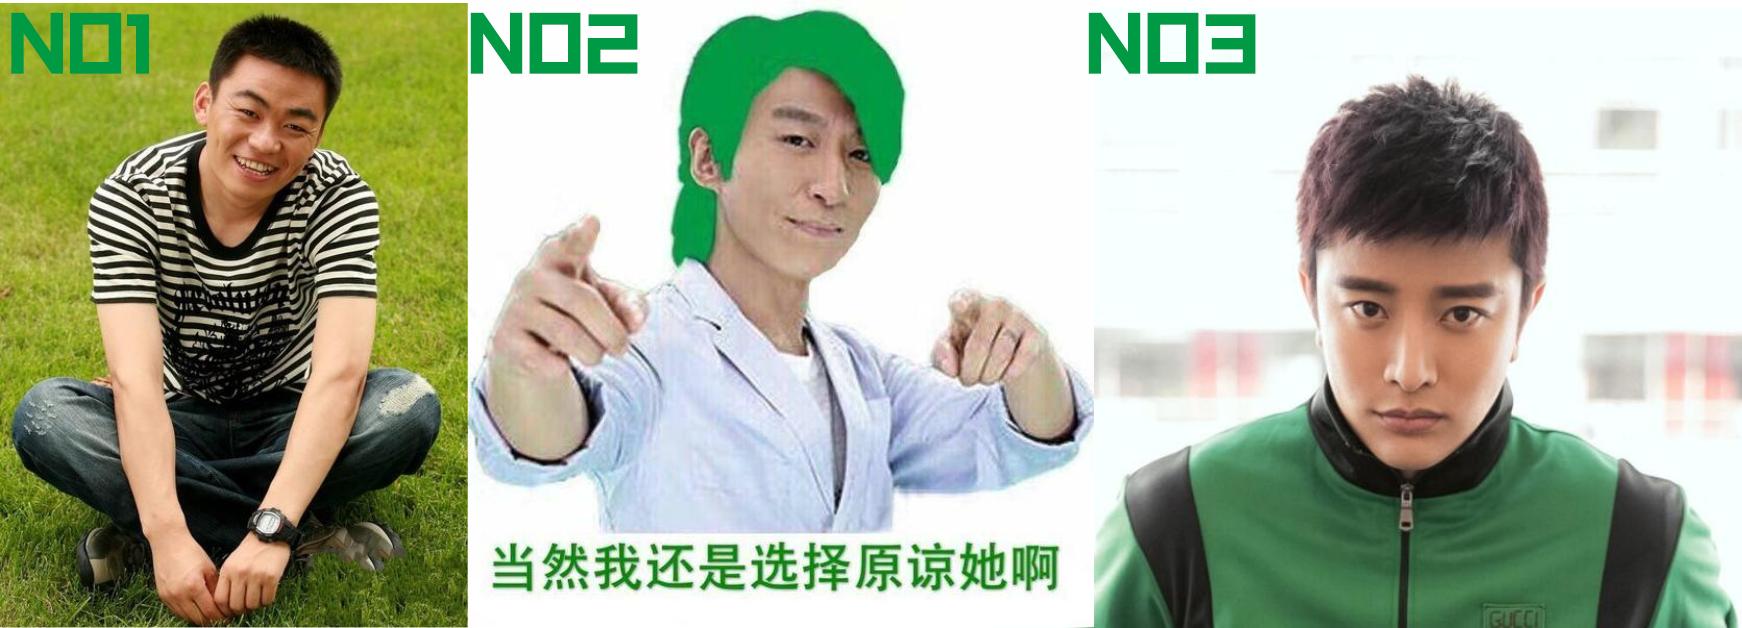 """娱乐圈不消停""""三绿""""榜单 王宝强羽凡贾乃亮成绿化三座山"""